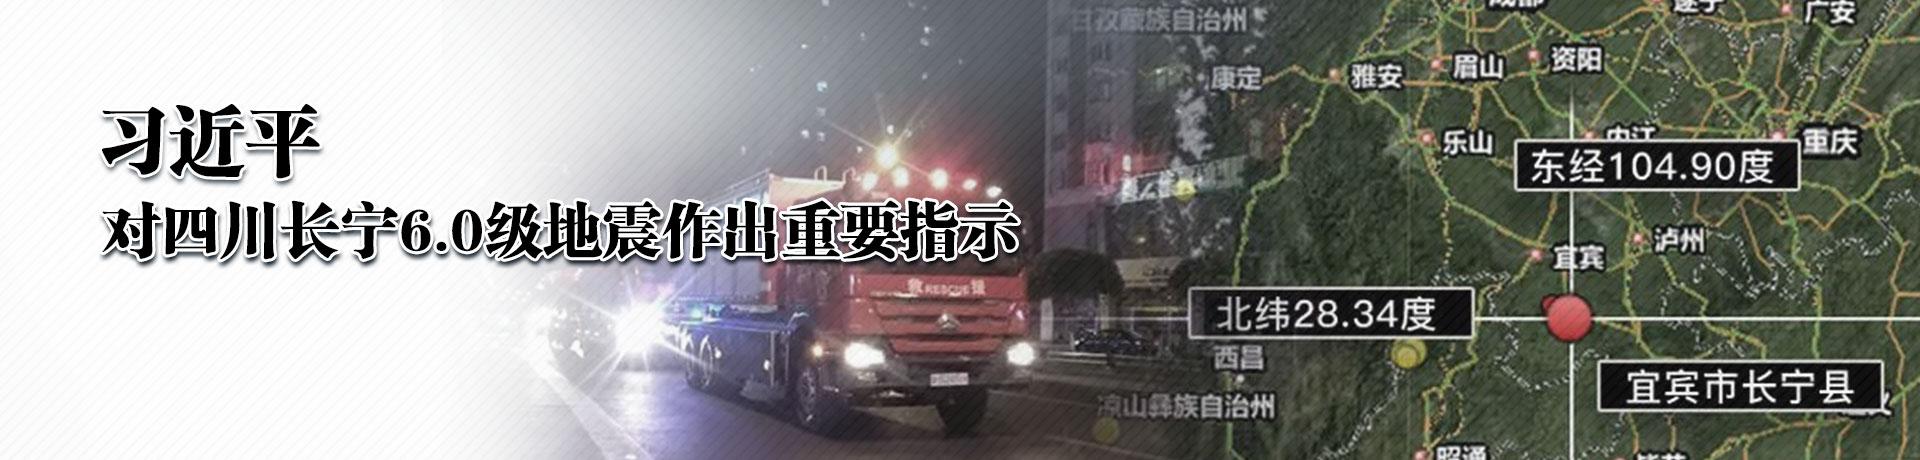 習近平對四川長寧6.0級地震作出重要指示